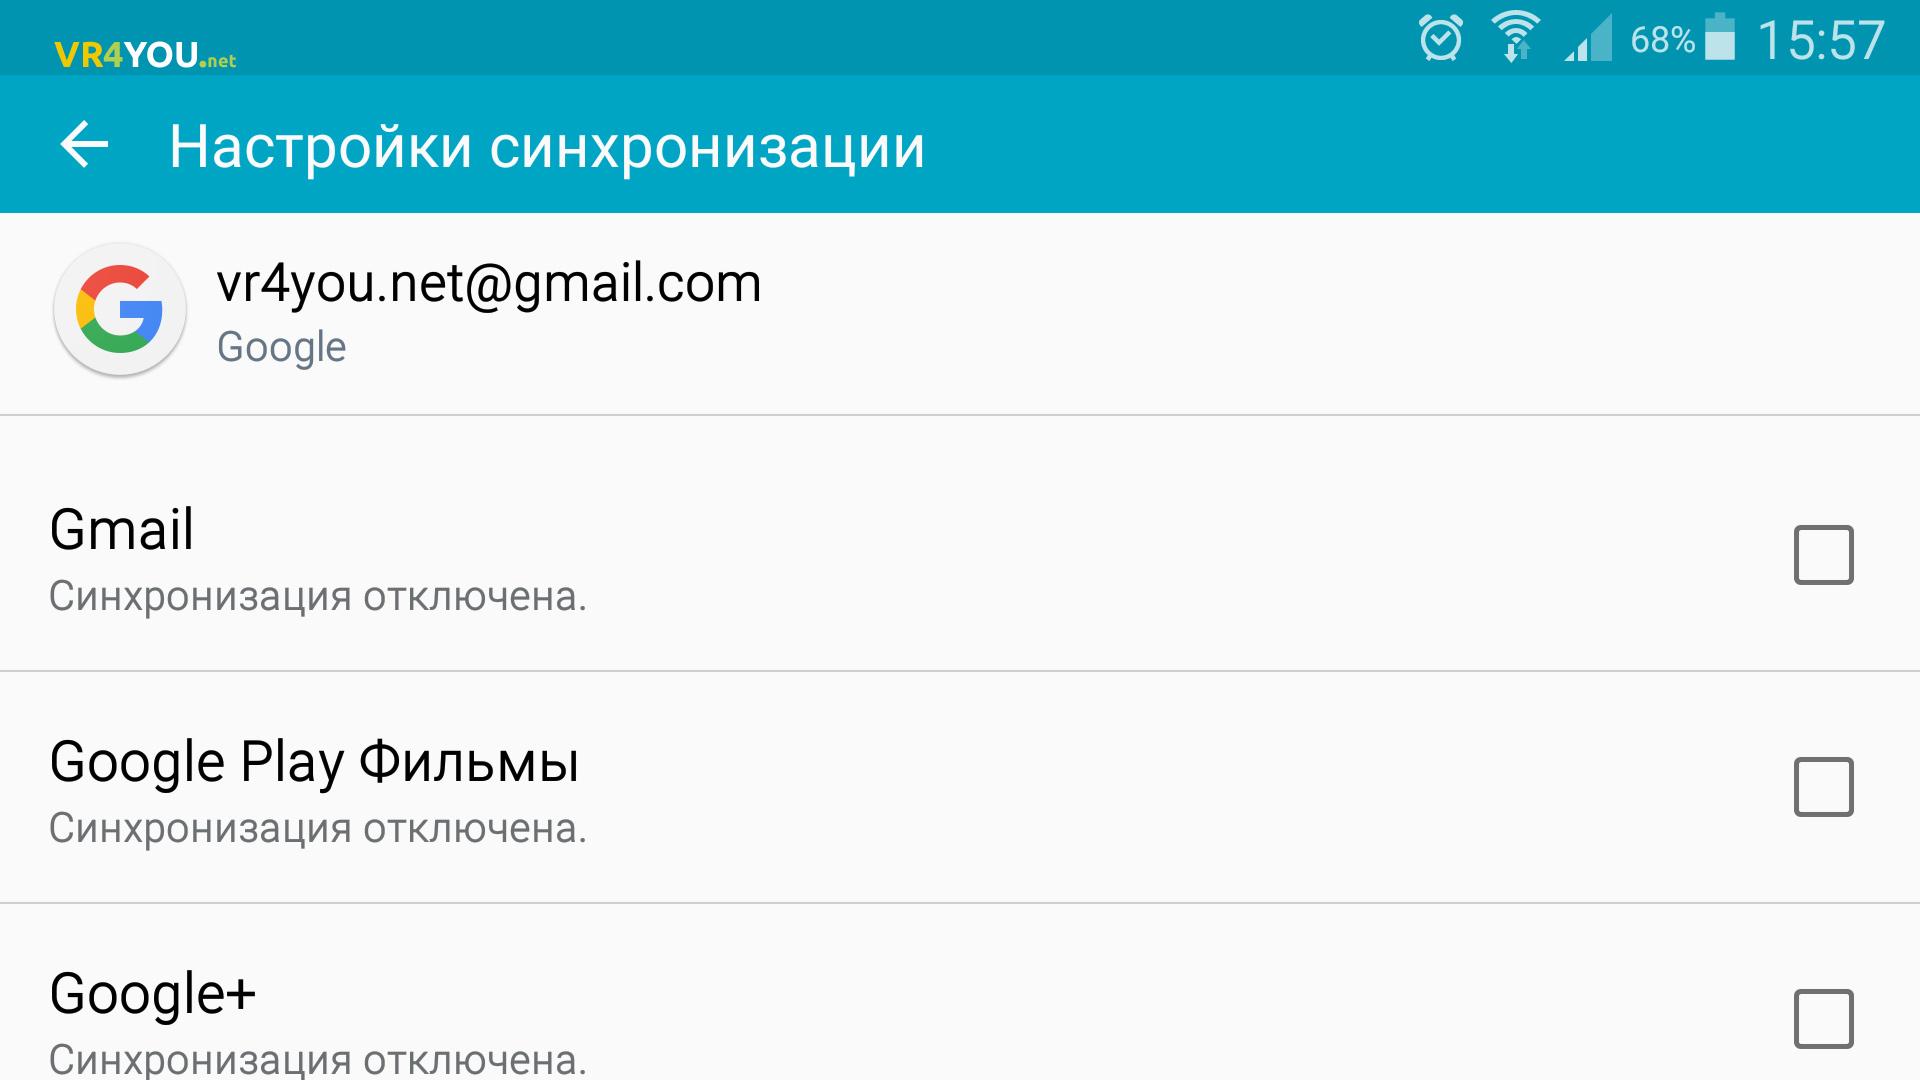 Cинхронизация контактов Google: как